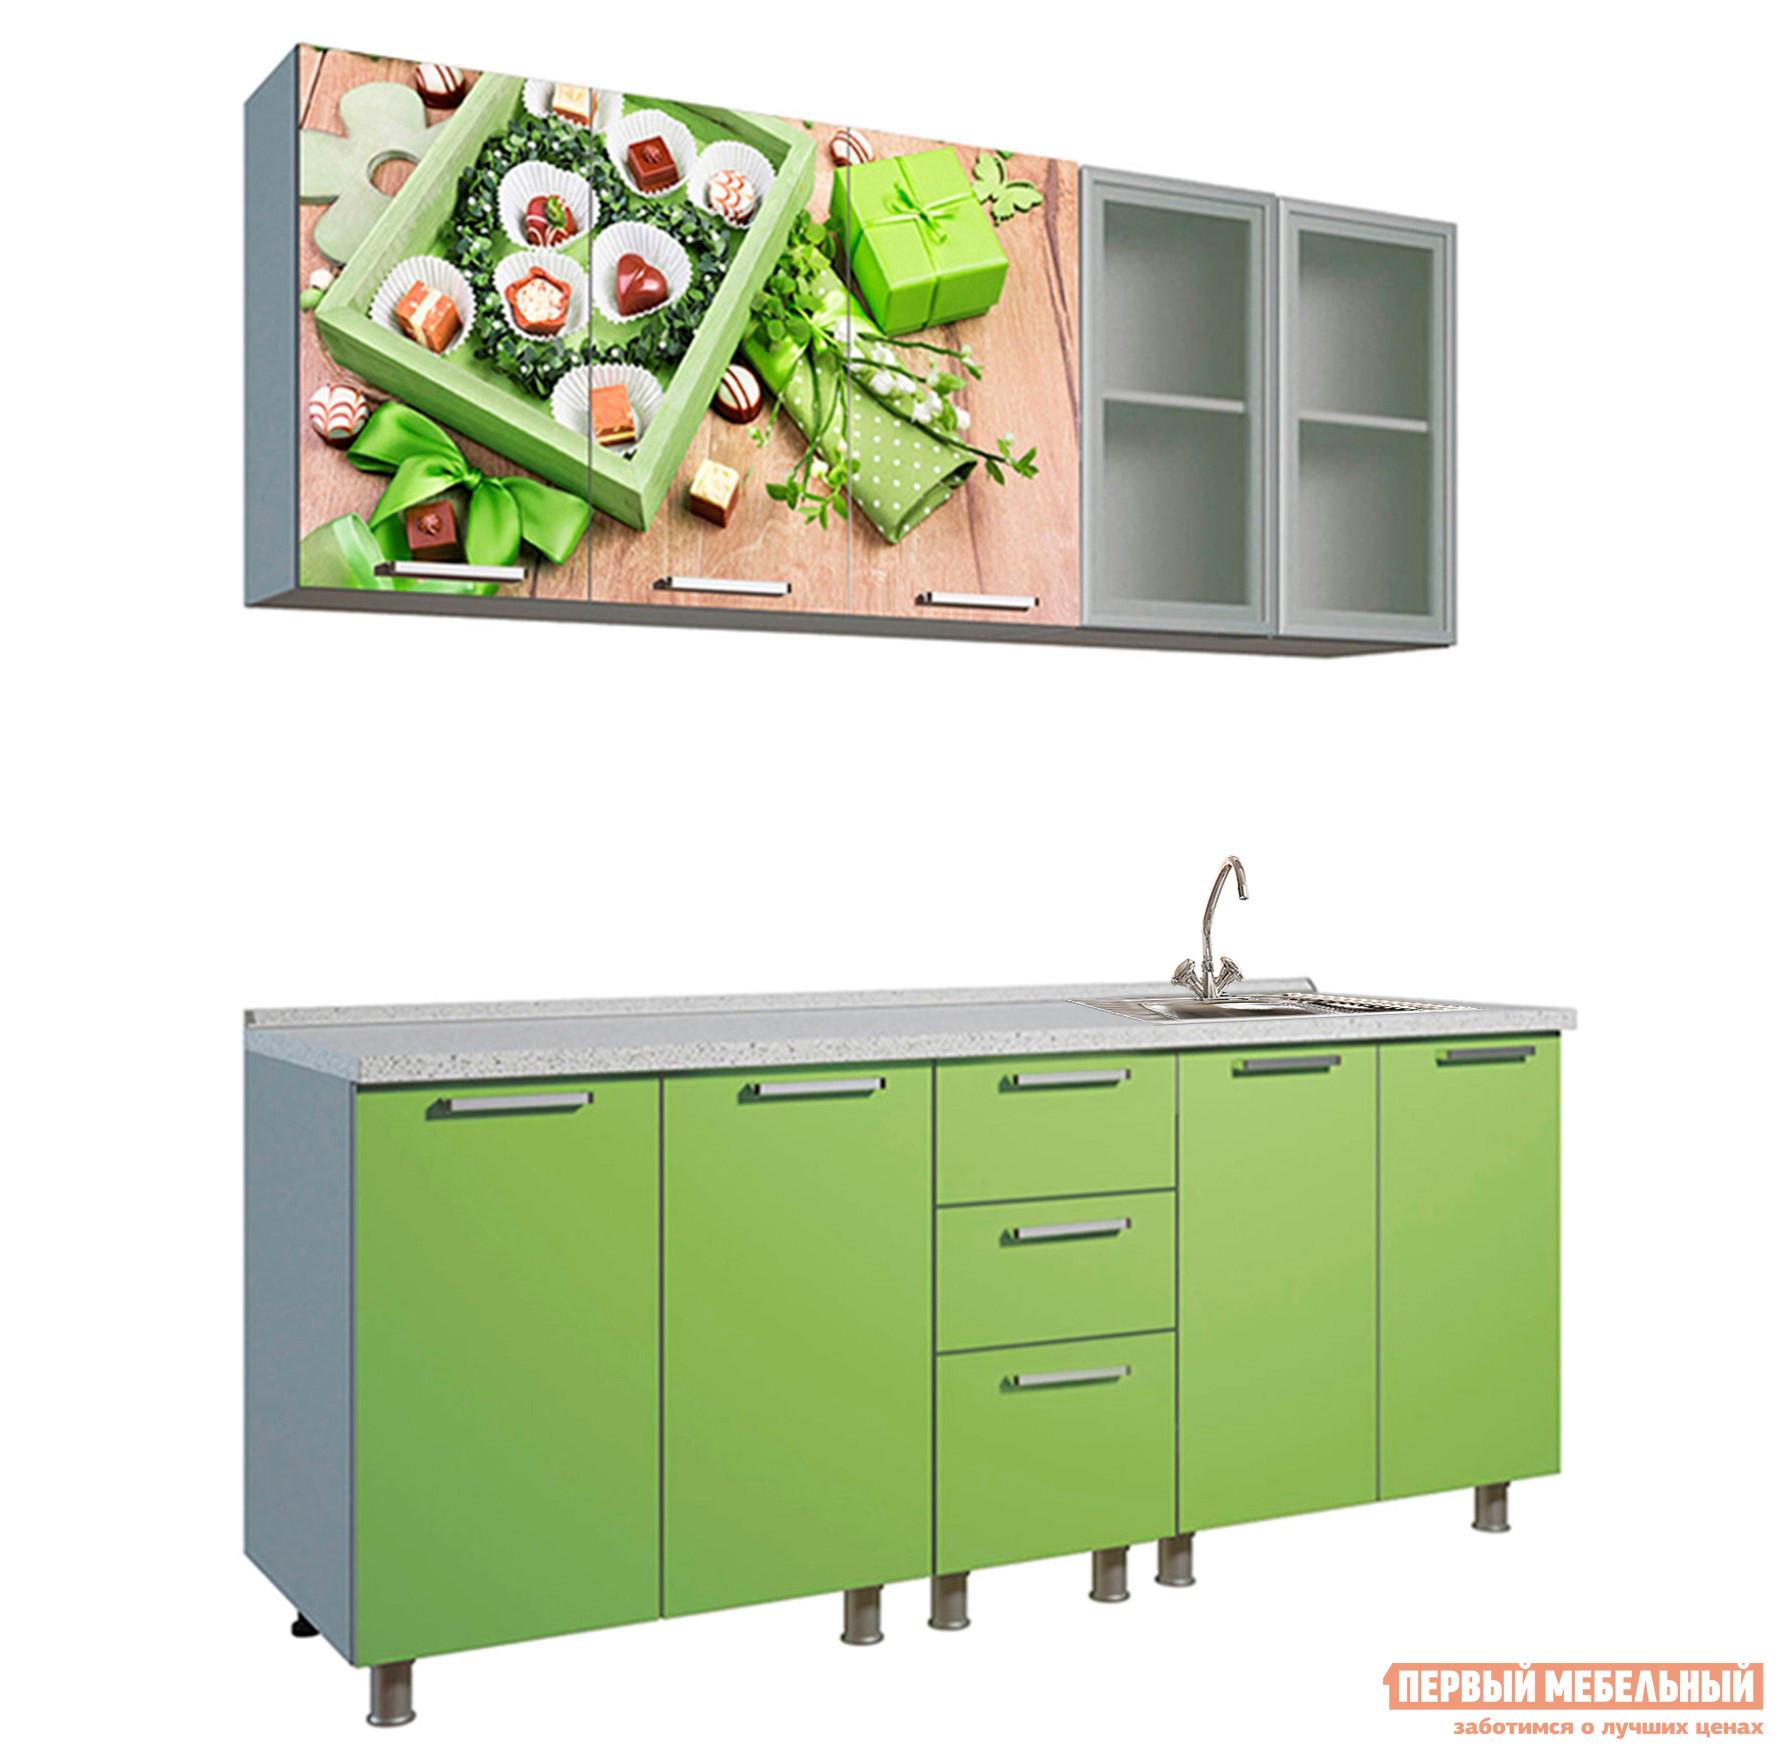 Кухонный гарнитур Первый Мебельный Пралине 200 см кухонный гарнитур трия оливия 240 см